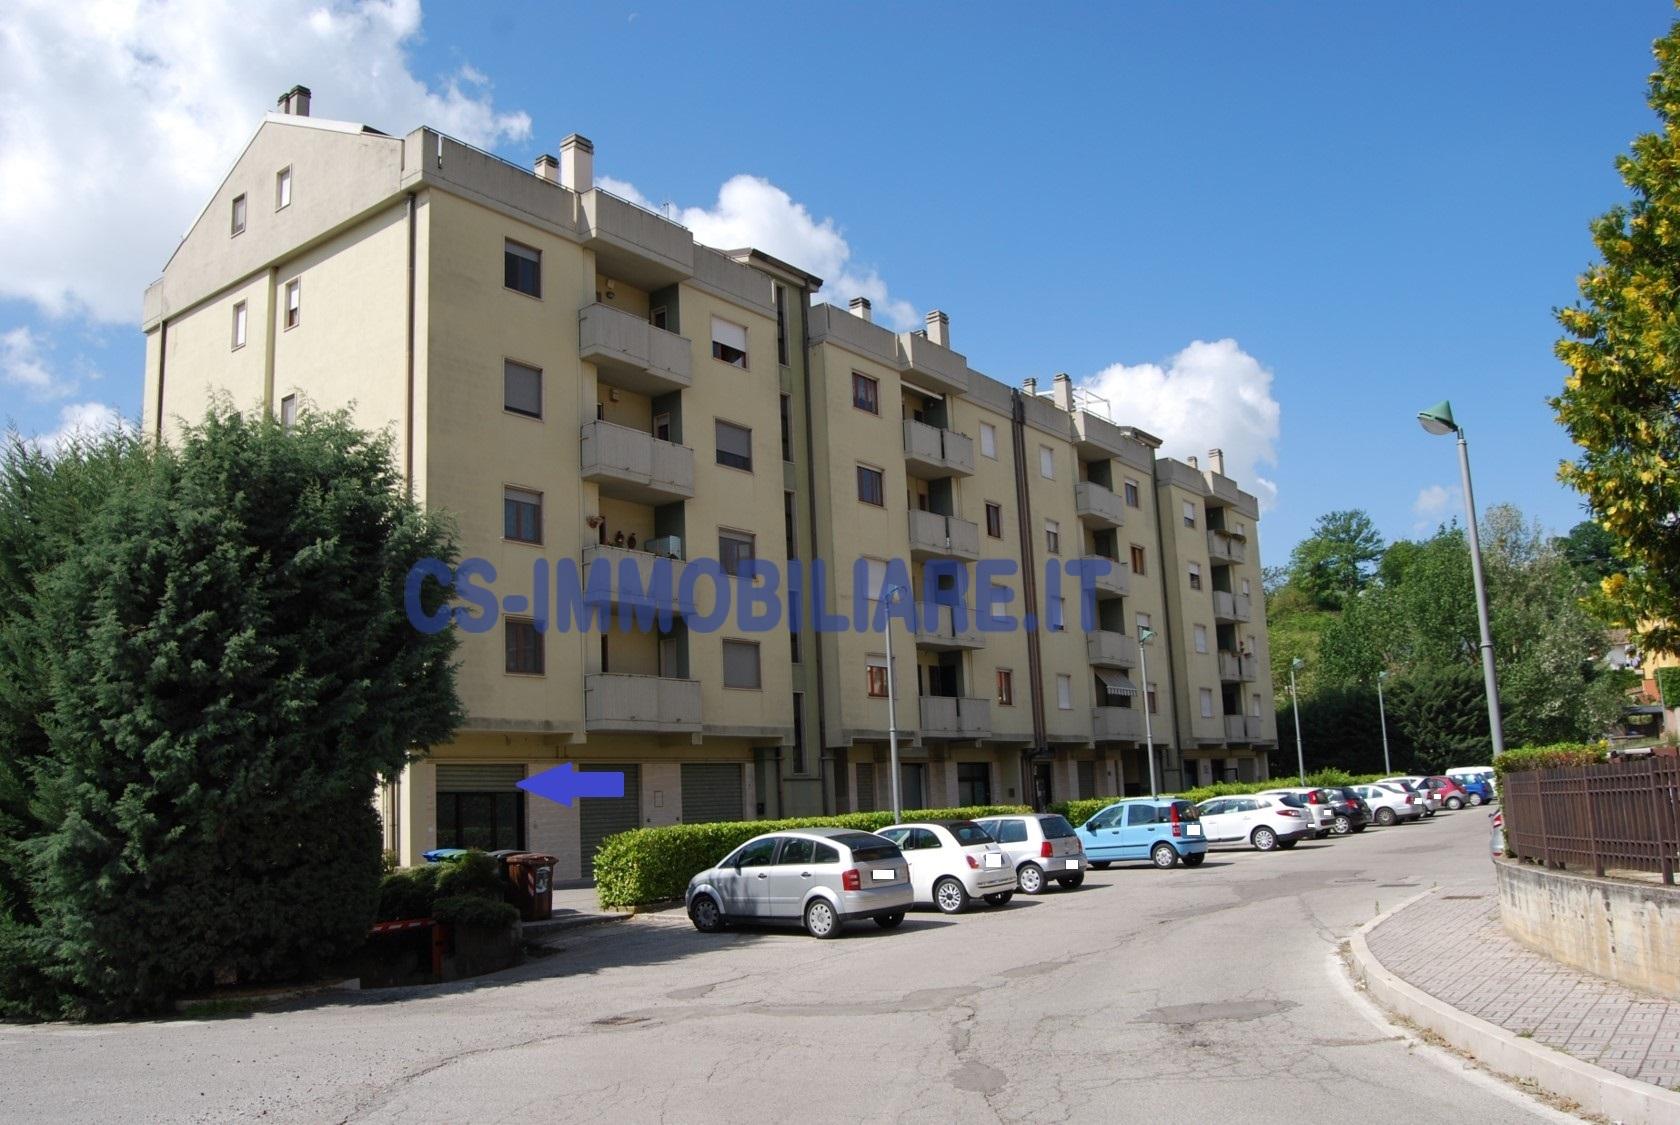 Negozio / Locale in vendita a Potenza, 9999 locali, zona Località: ZonaG, prezzo € 80.000 | CambioCasa.it